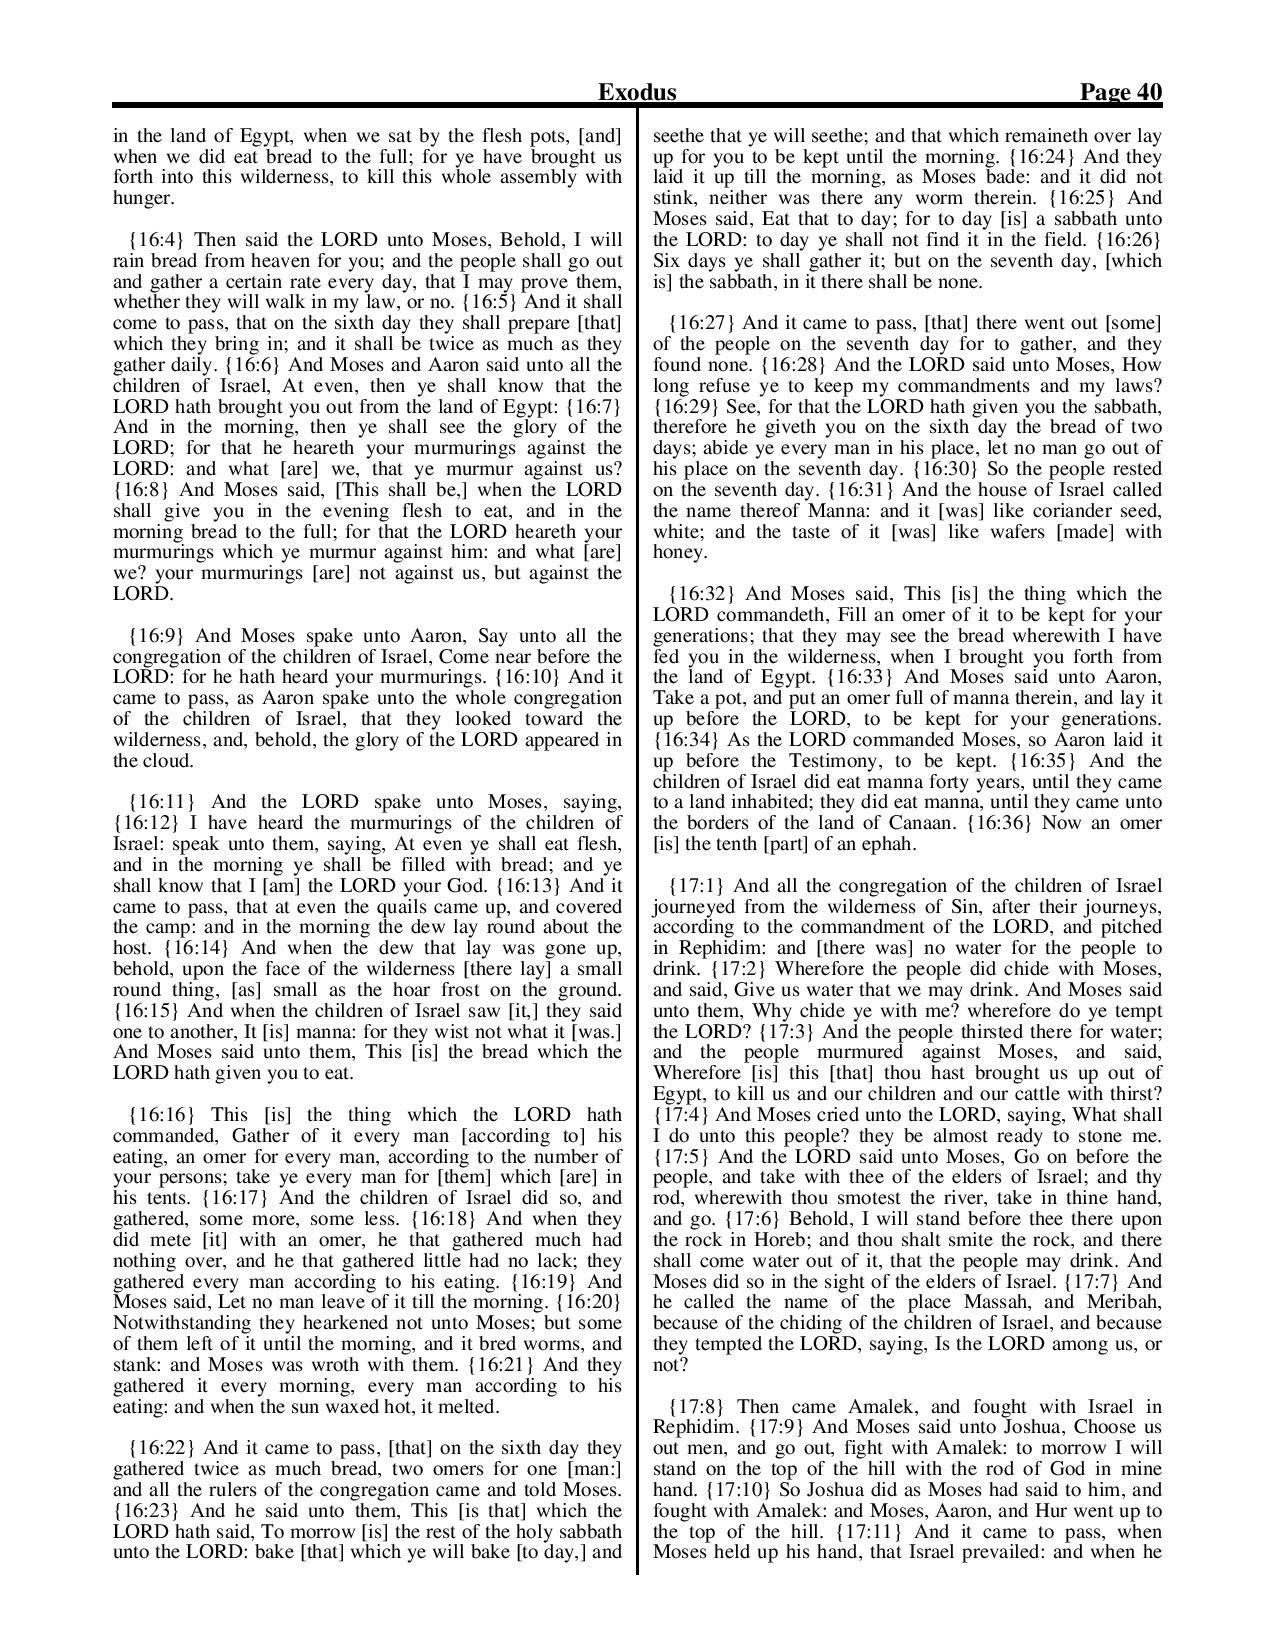 King-James-Bible-KJV-Bible-PDF-page-061